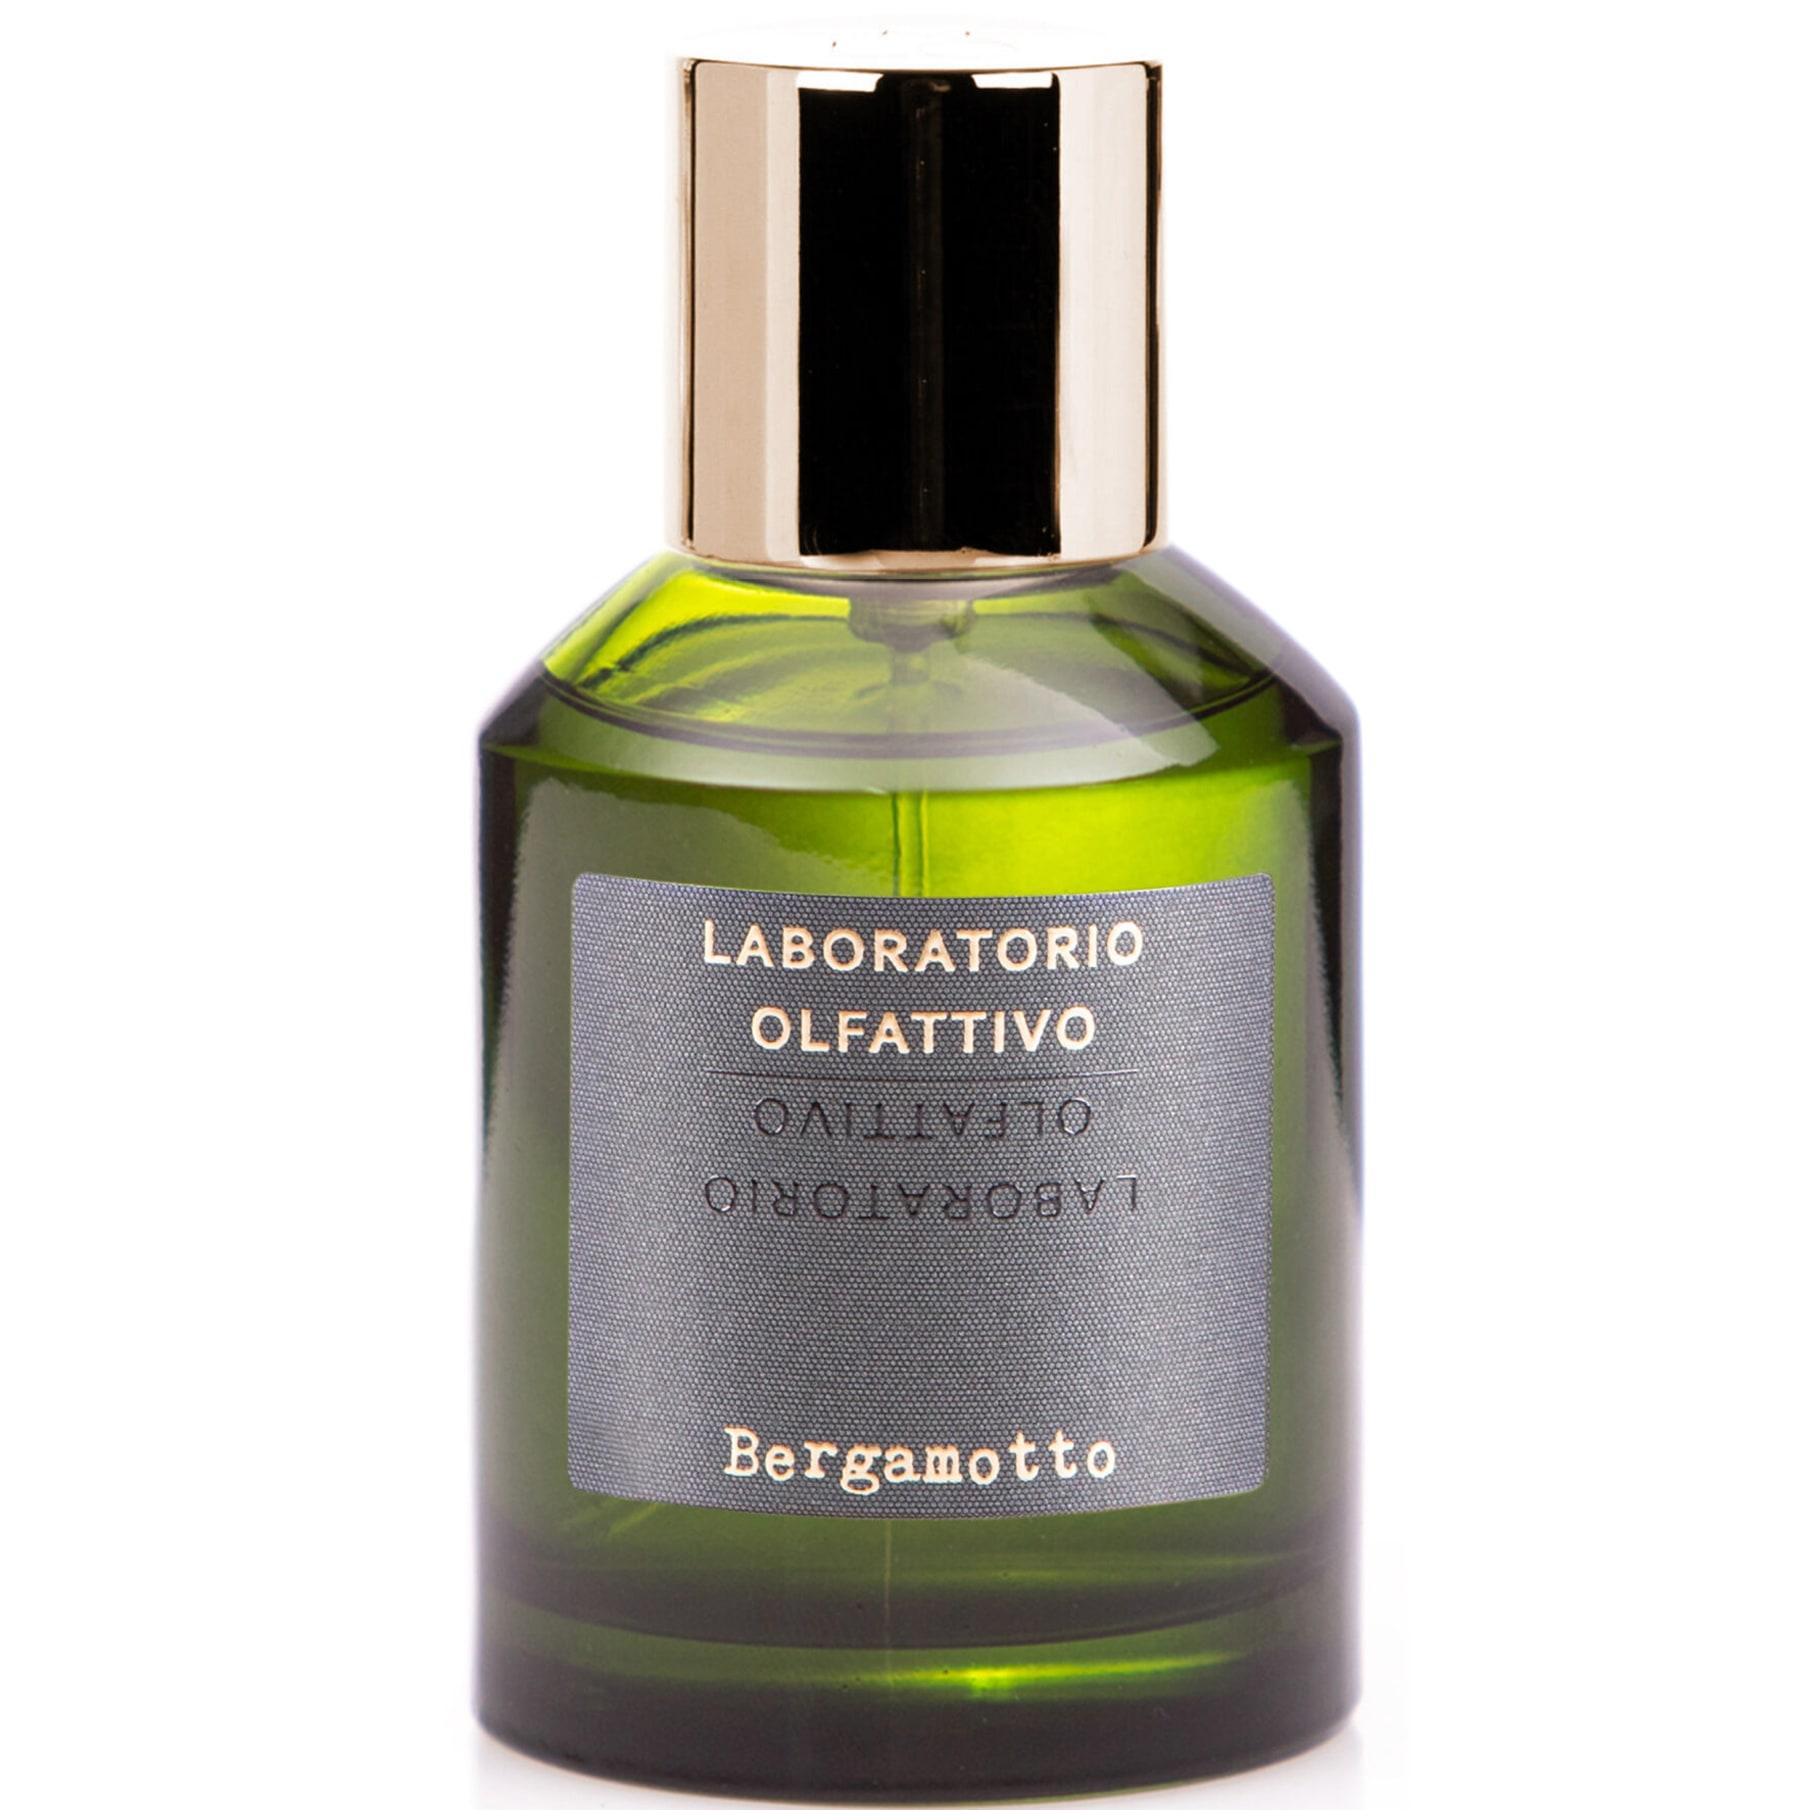 laboratorio-olfattivo-bergamotto-2